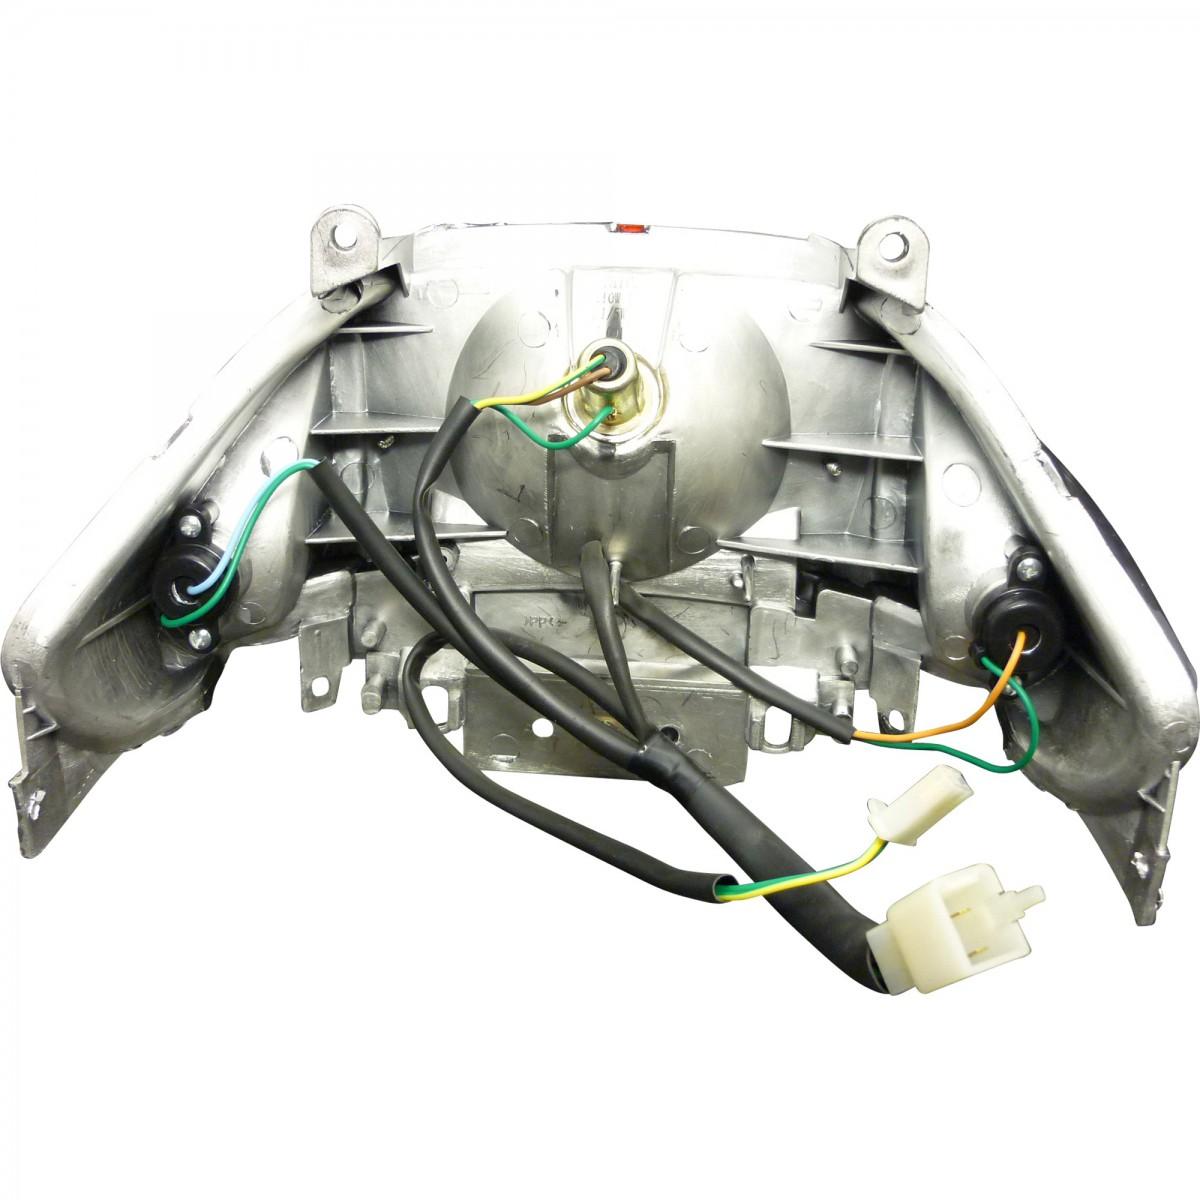 Rücklicht LED (E4) incl. Kabel/Stecker